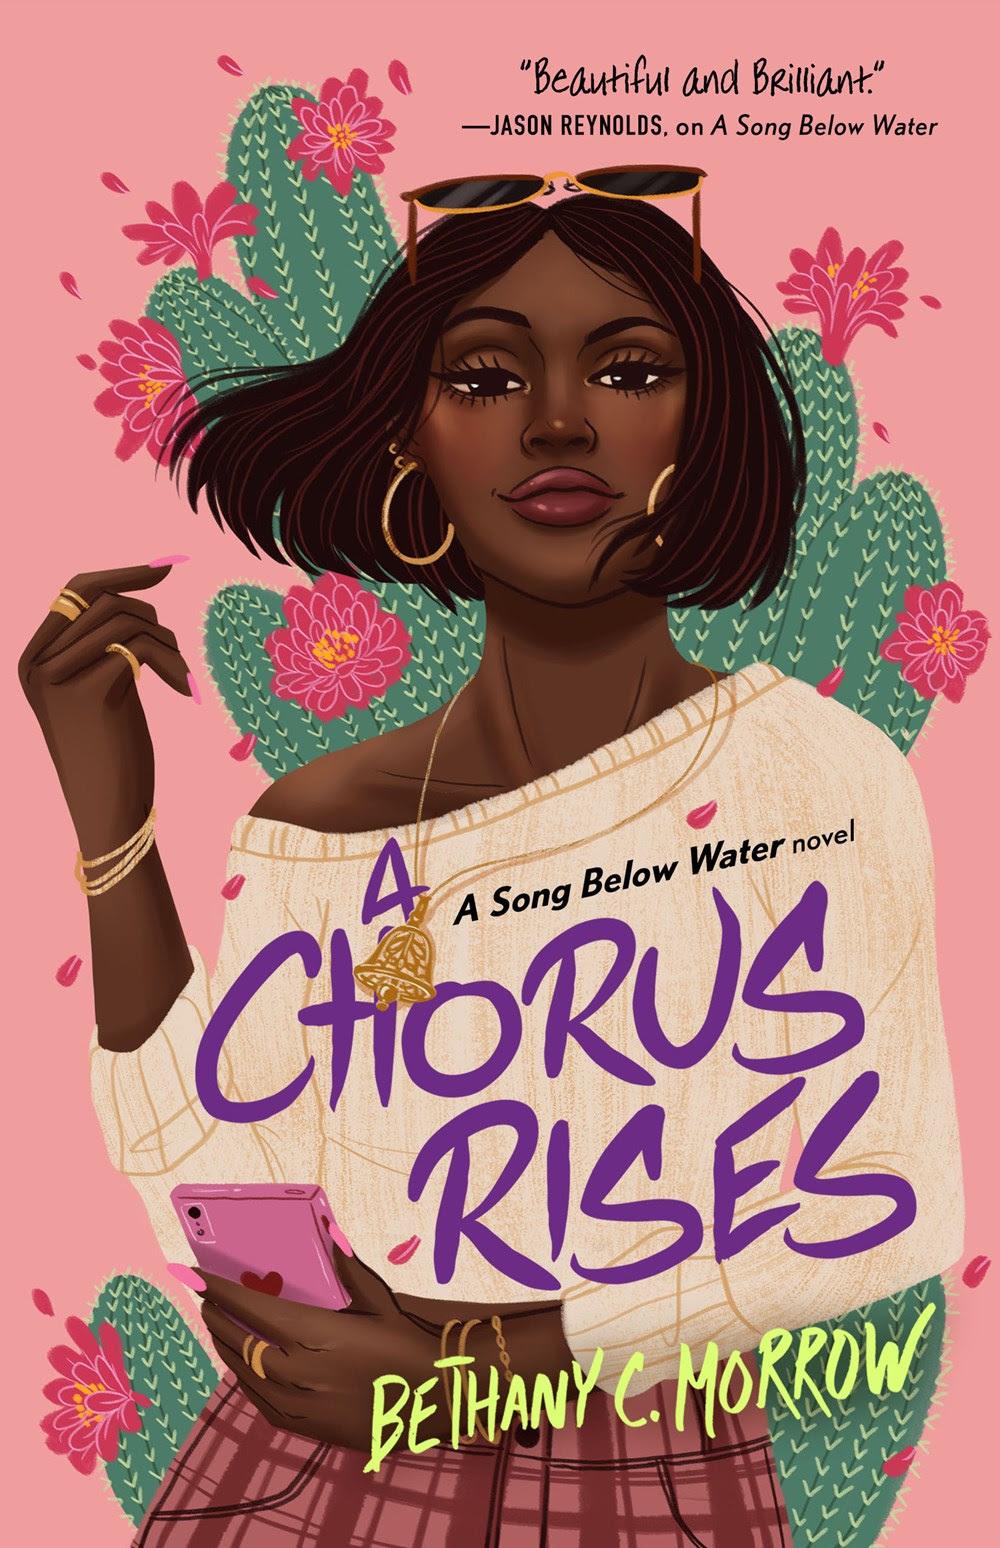 ✔️ Download A Chorus Rises - Bethany C. Morrow PDF ✔️ Free pdf download ✔️ Ebook ✔️ Epub